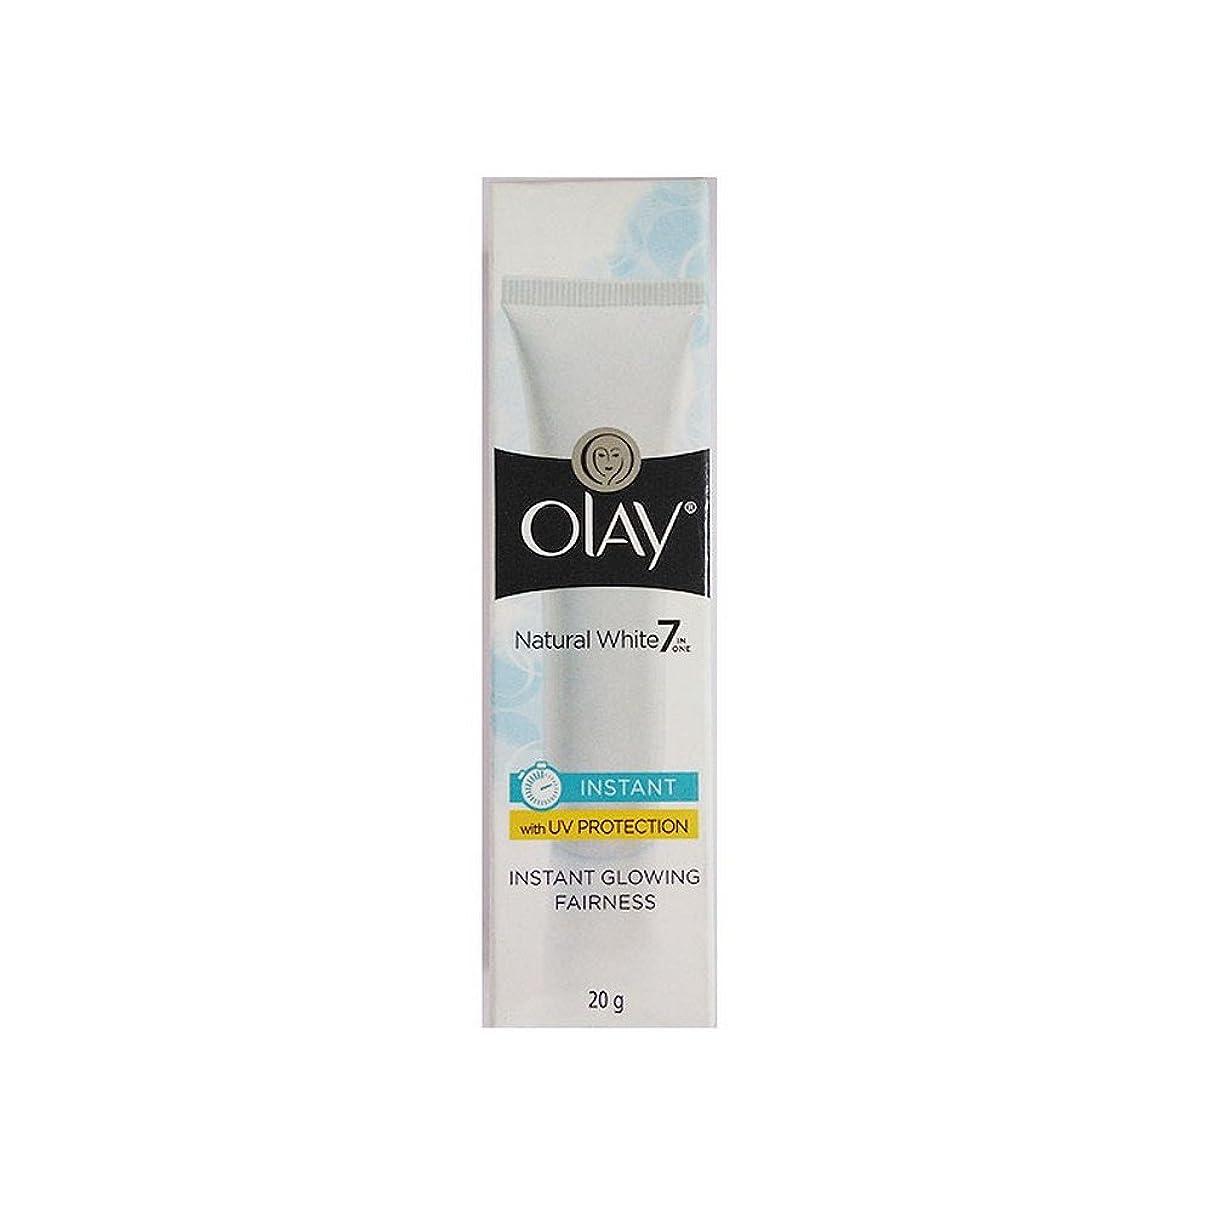 クレタお別れマーキングOlay Natural White Light Instant Glowing Fairness Cream, 20g